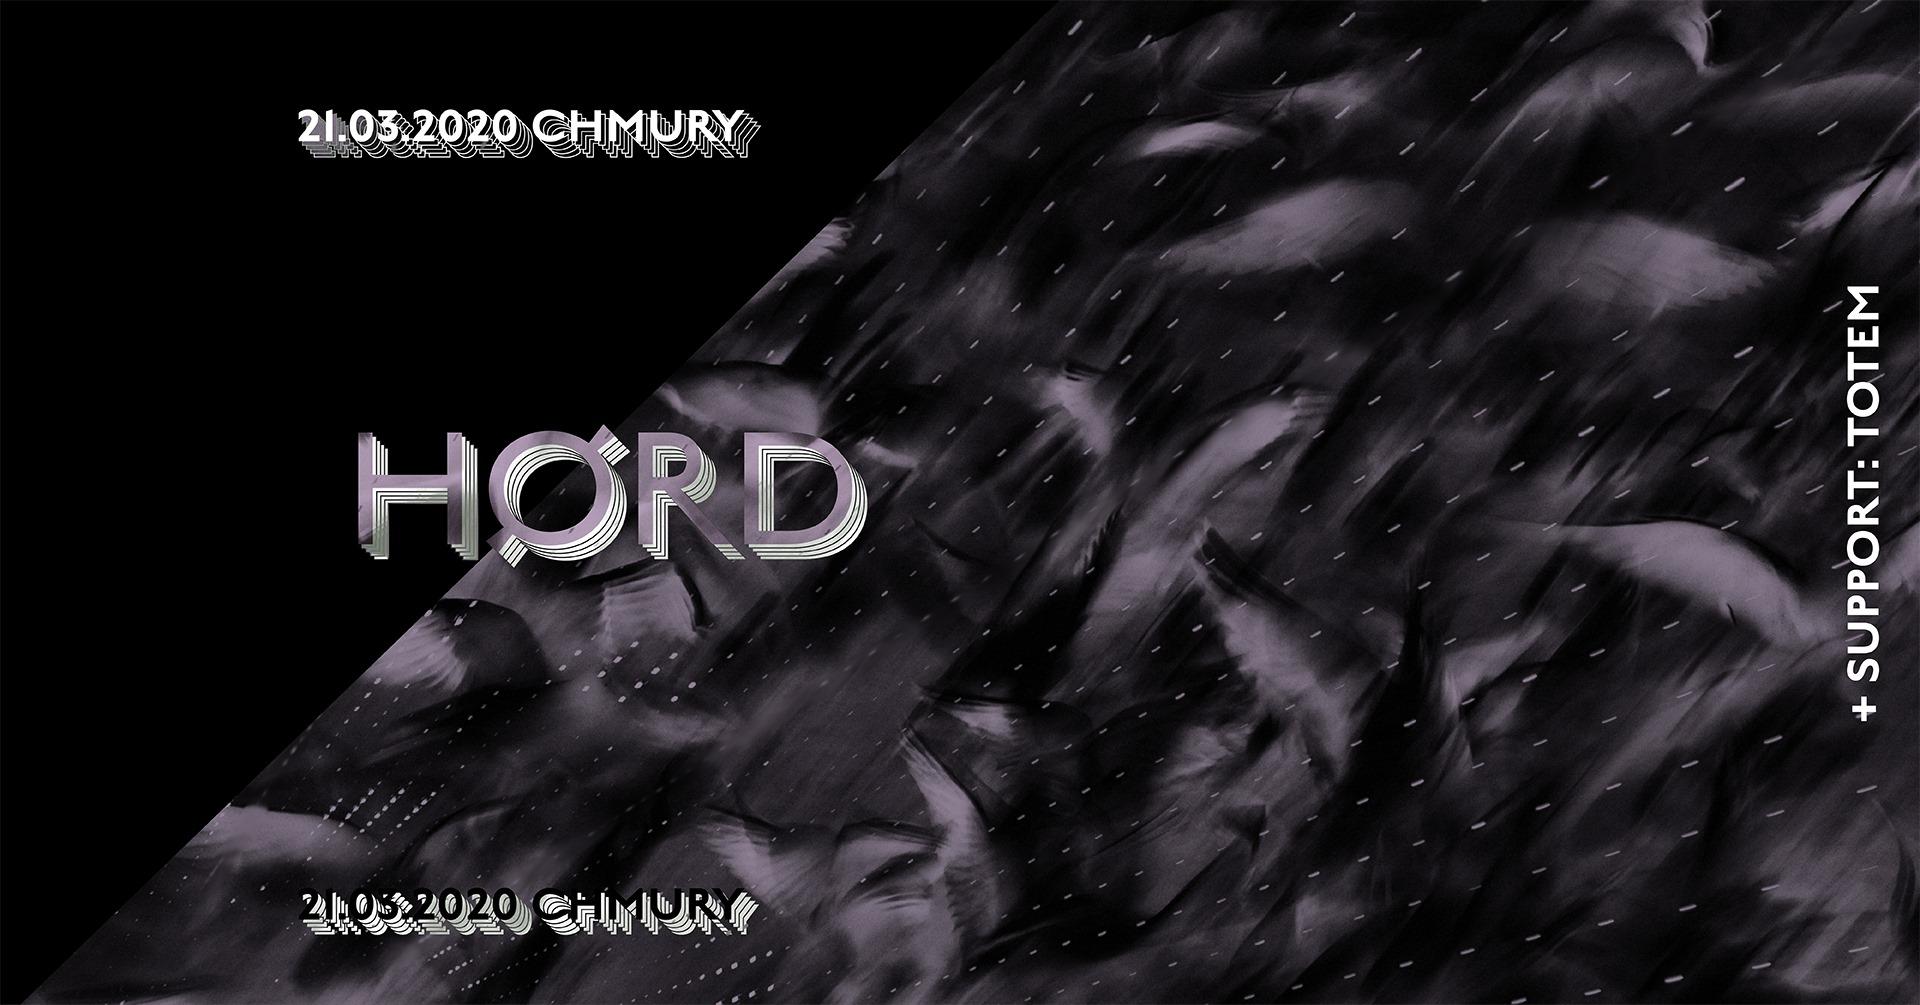 HøRD - Totem (Chmury - Warszawa - 21.03.2020)